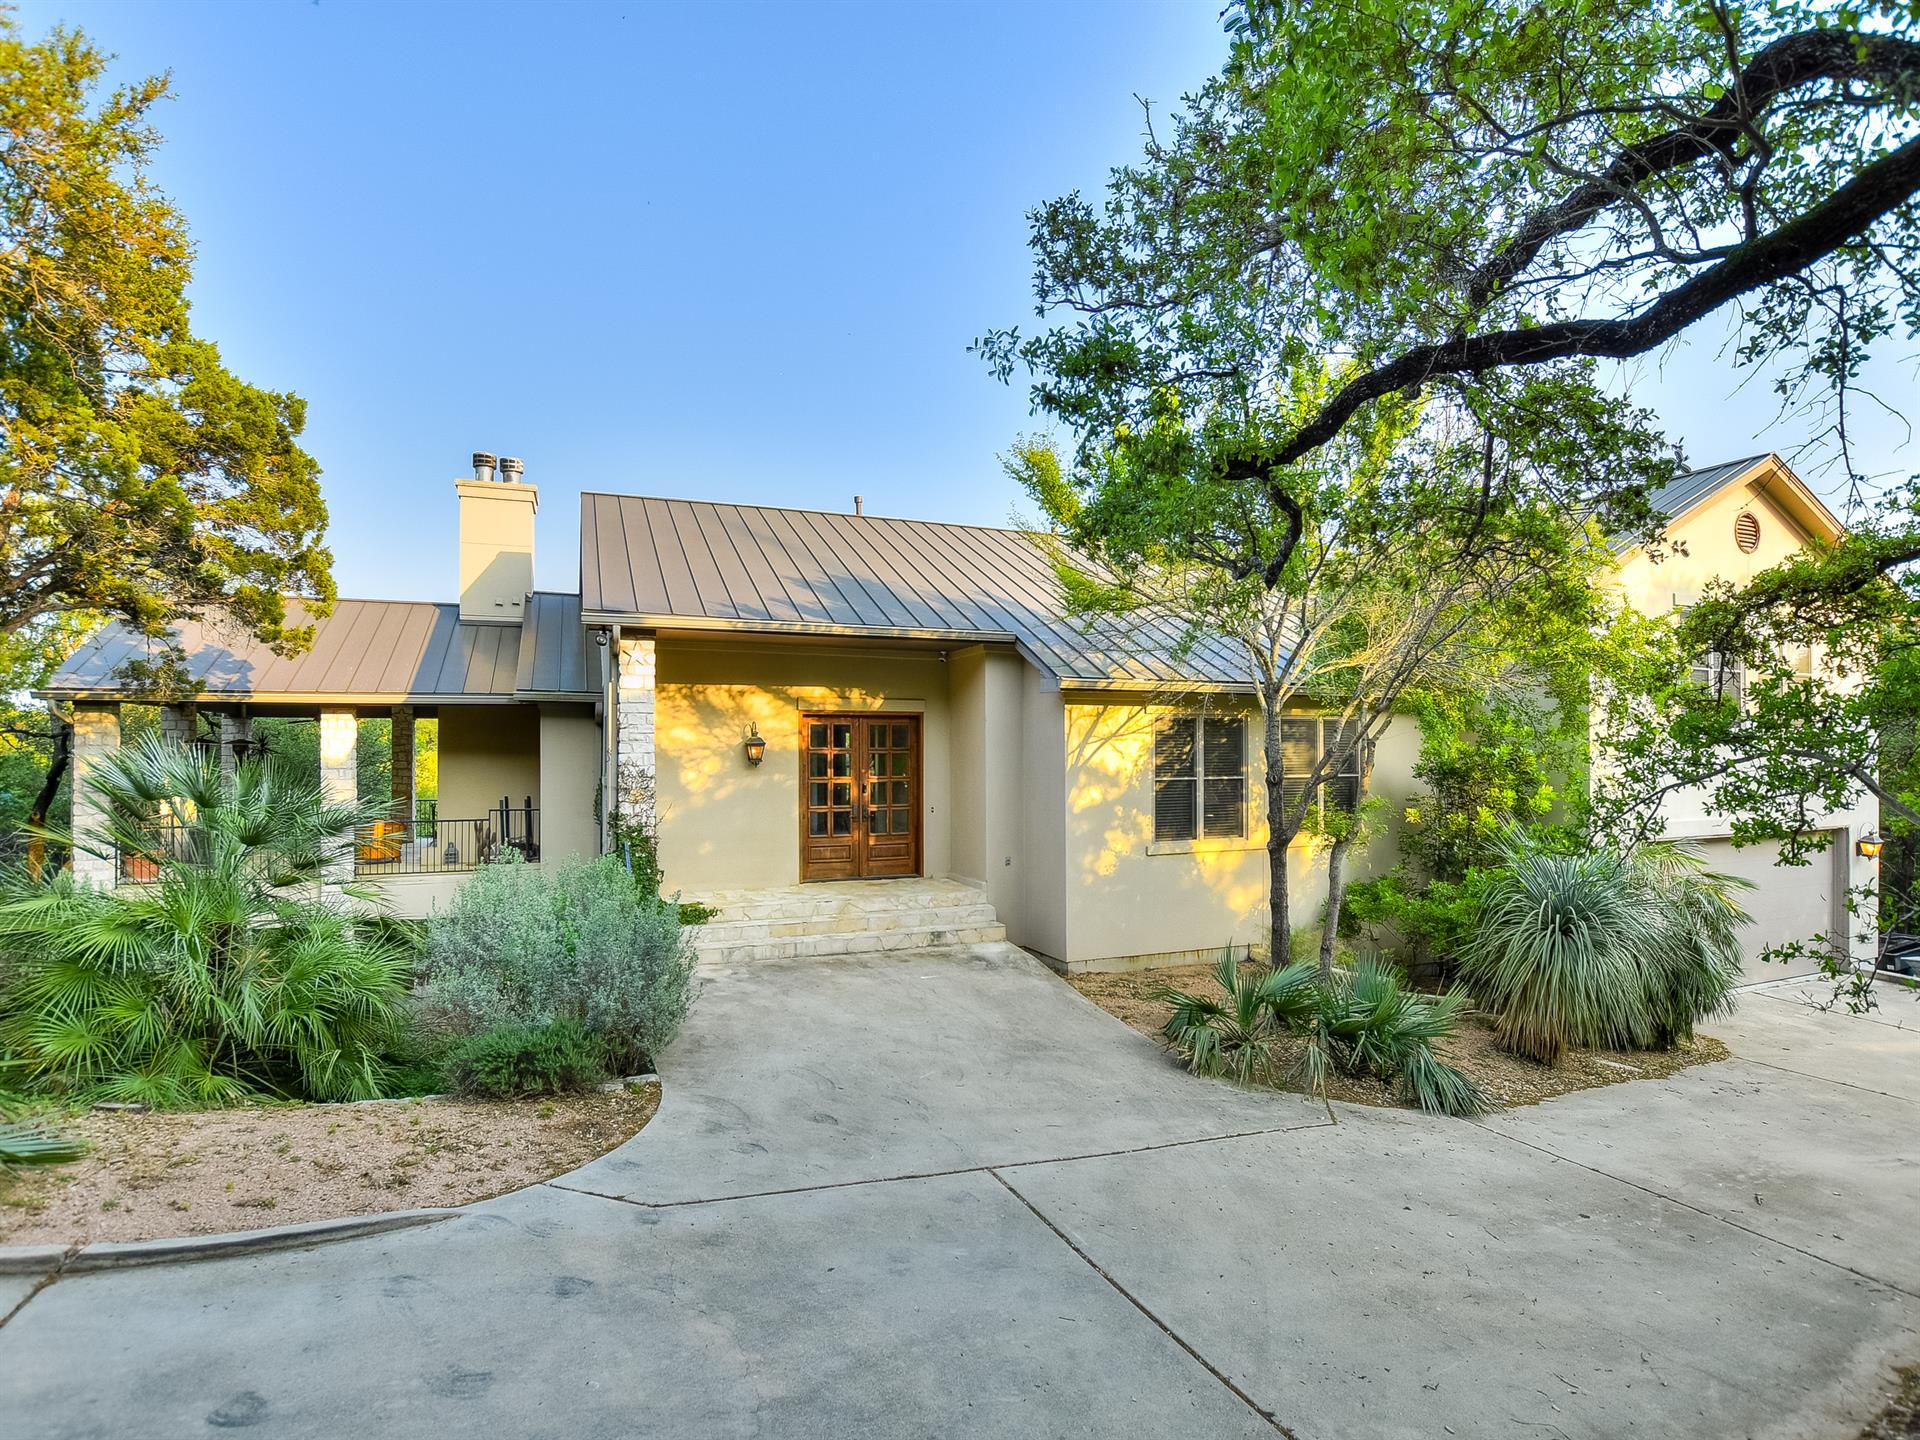 Residencial por un Venta en 1111 Westlake Drive 1111 Westlake Drive West Lake Hills, Texas 78746 Estados Unidos